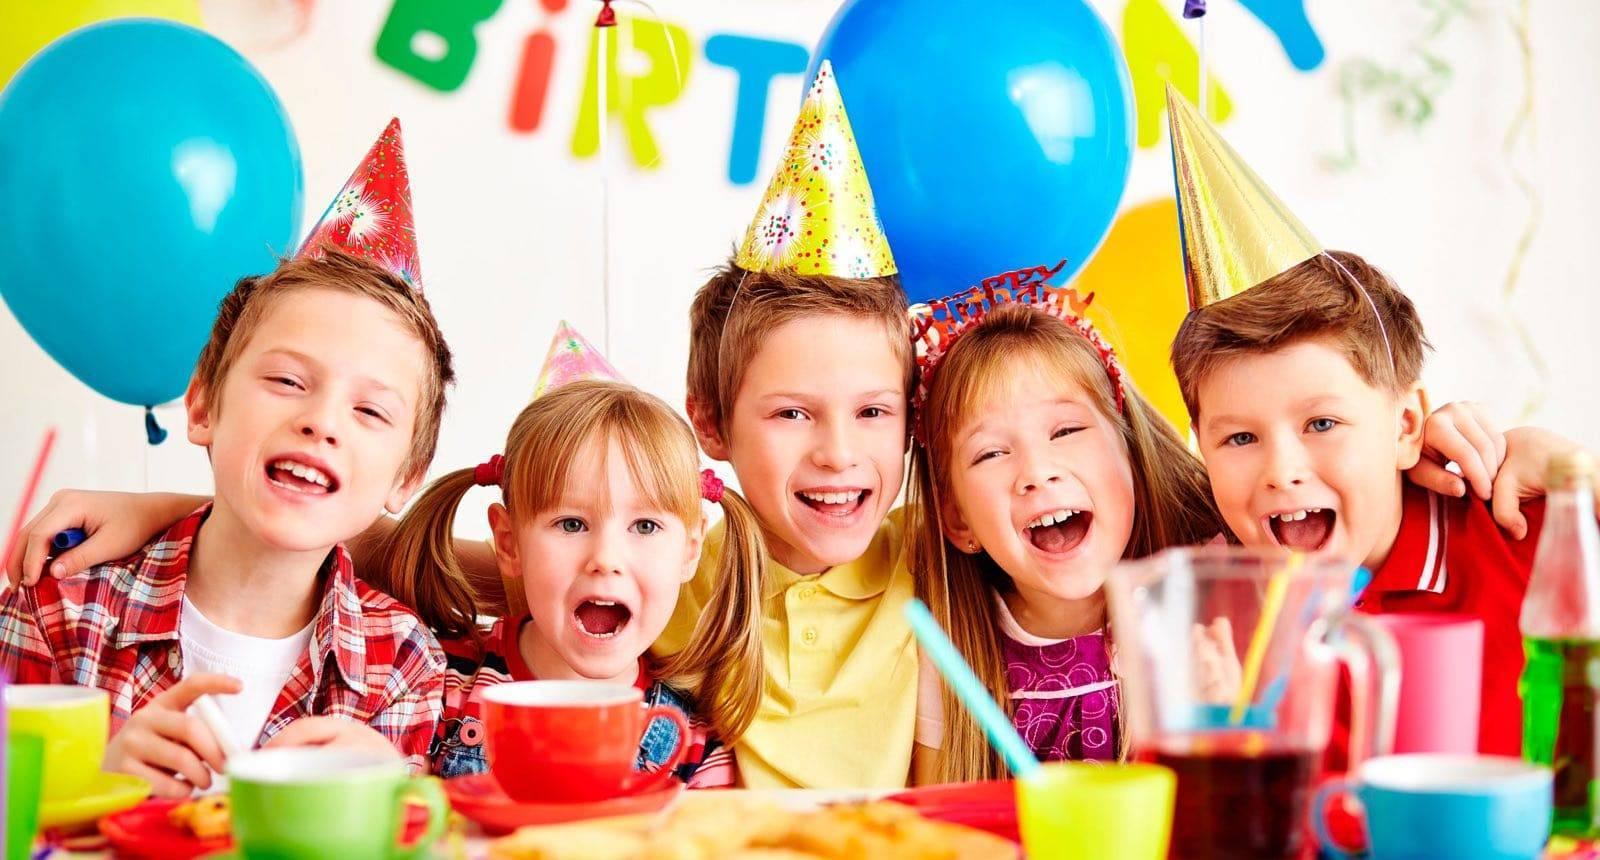 Детский день рождения дома — что интересно ребятам?